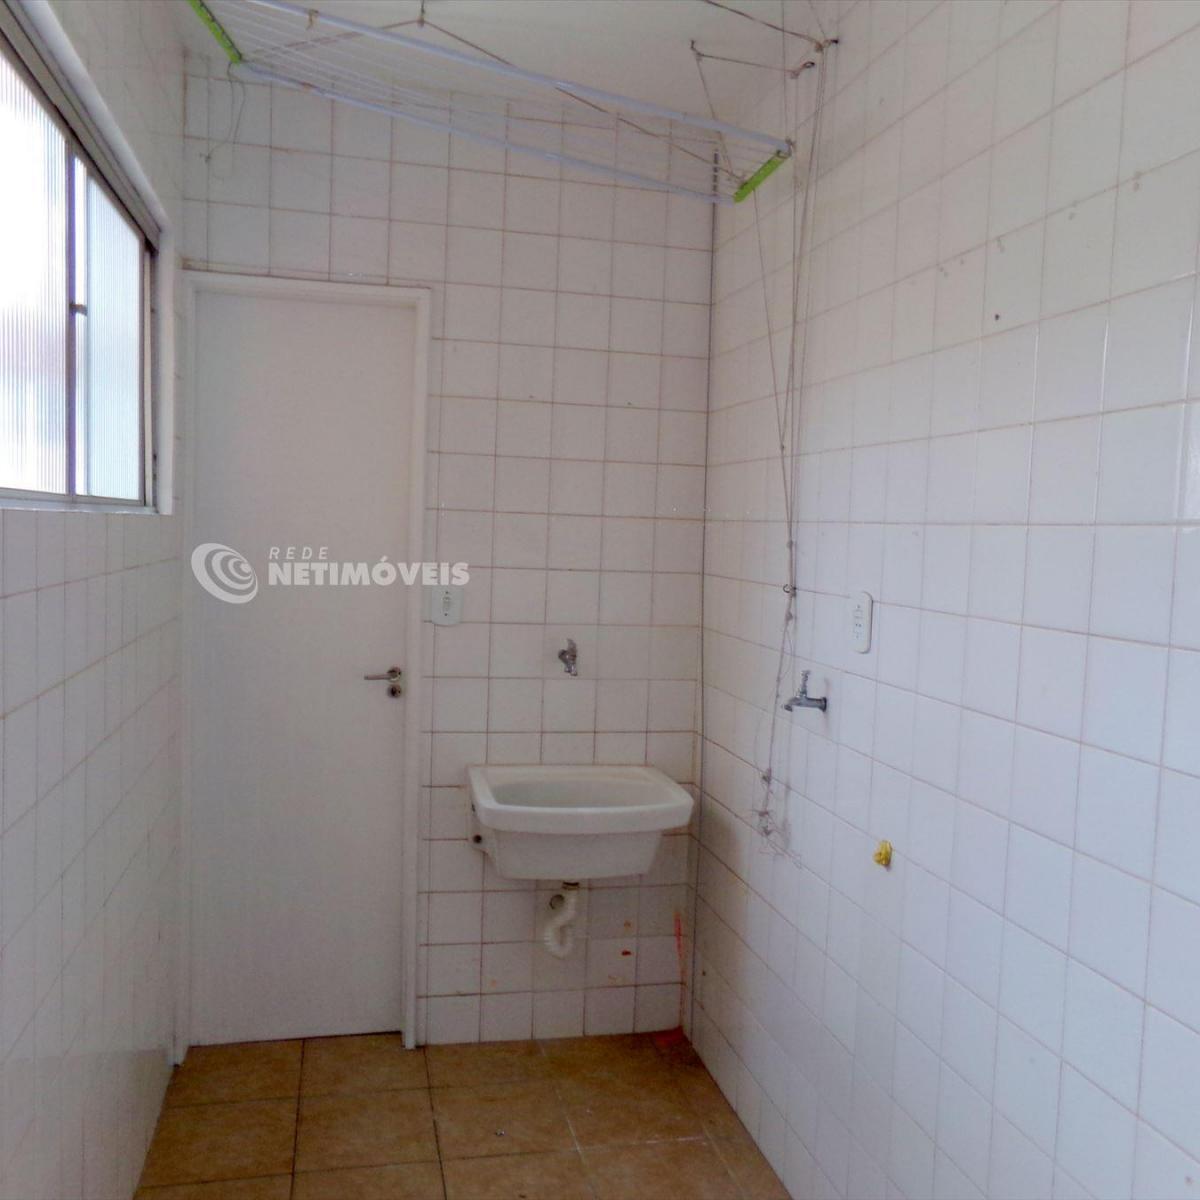 Imagens de #4B2E13  Pernambués Salvador R$ 850 65 m2 ID: 2930326875 Imovelweb 1200x1200 px 3526 Blindex Banheiro Salvador